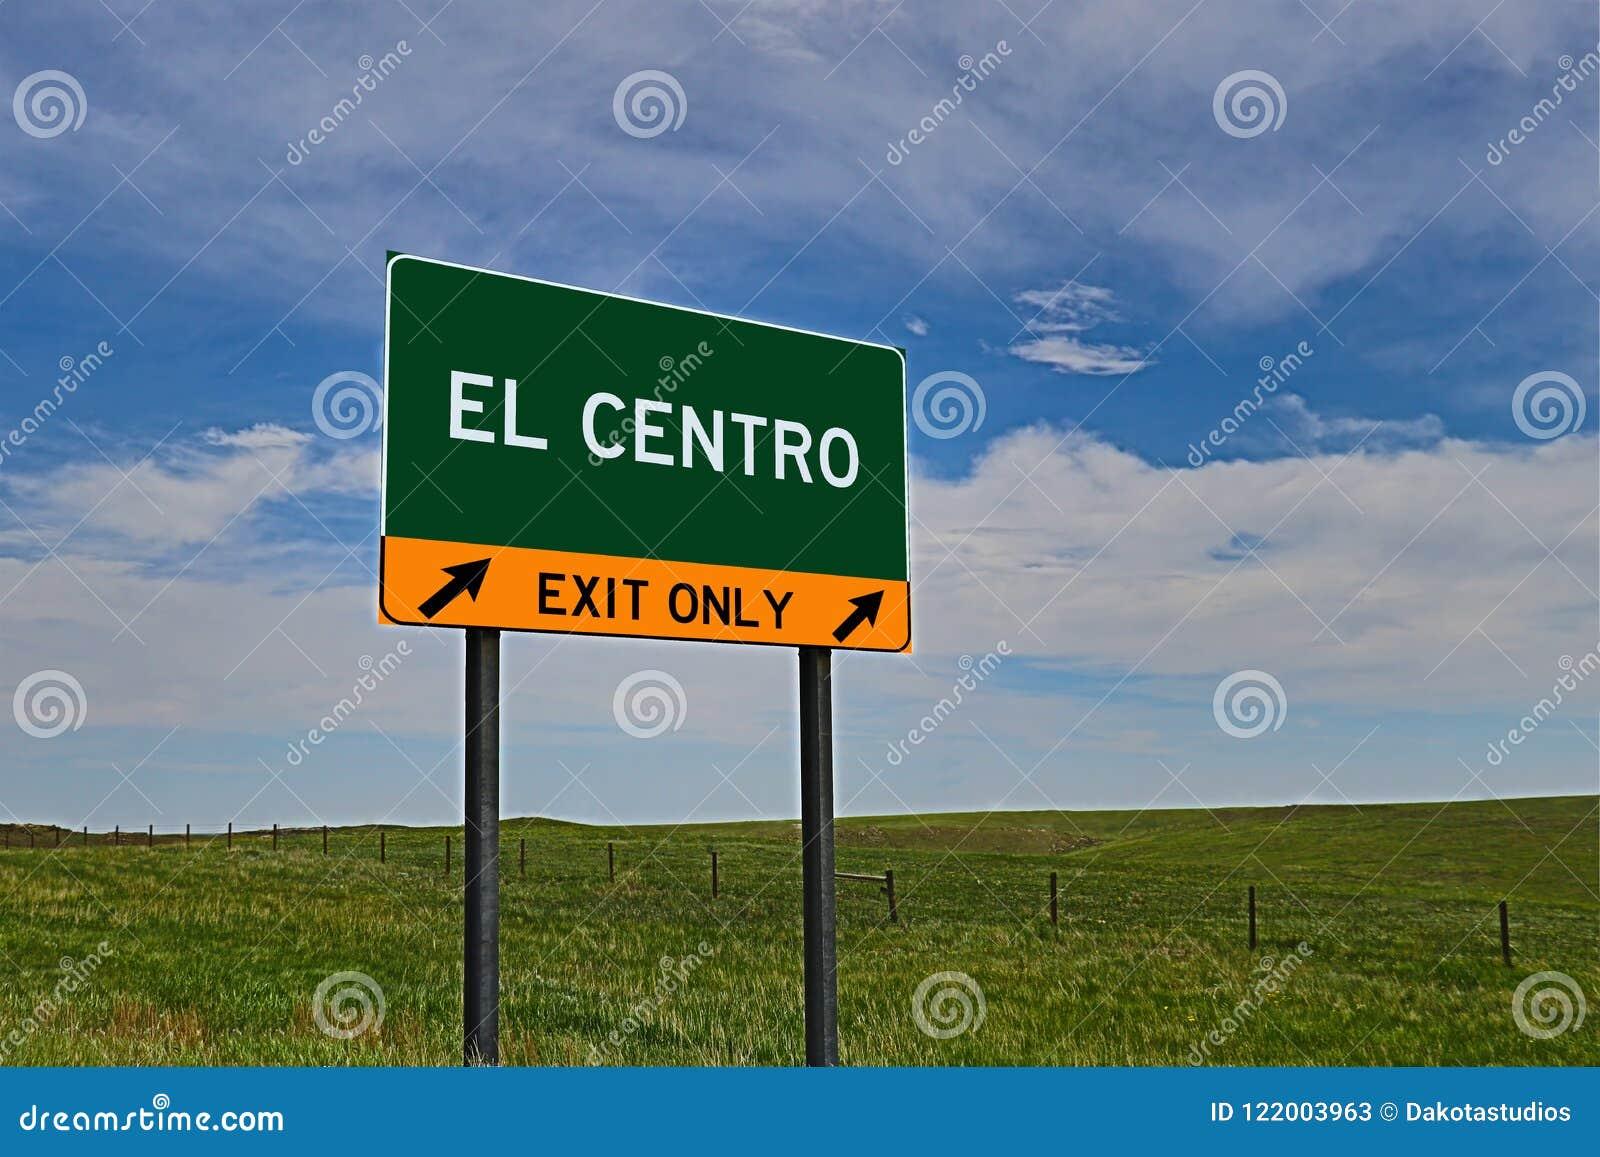 US-Landstraßen-Ausgangs-Zeichen für EL Centro